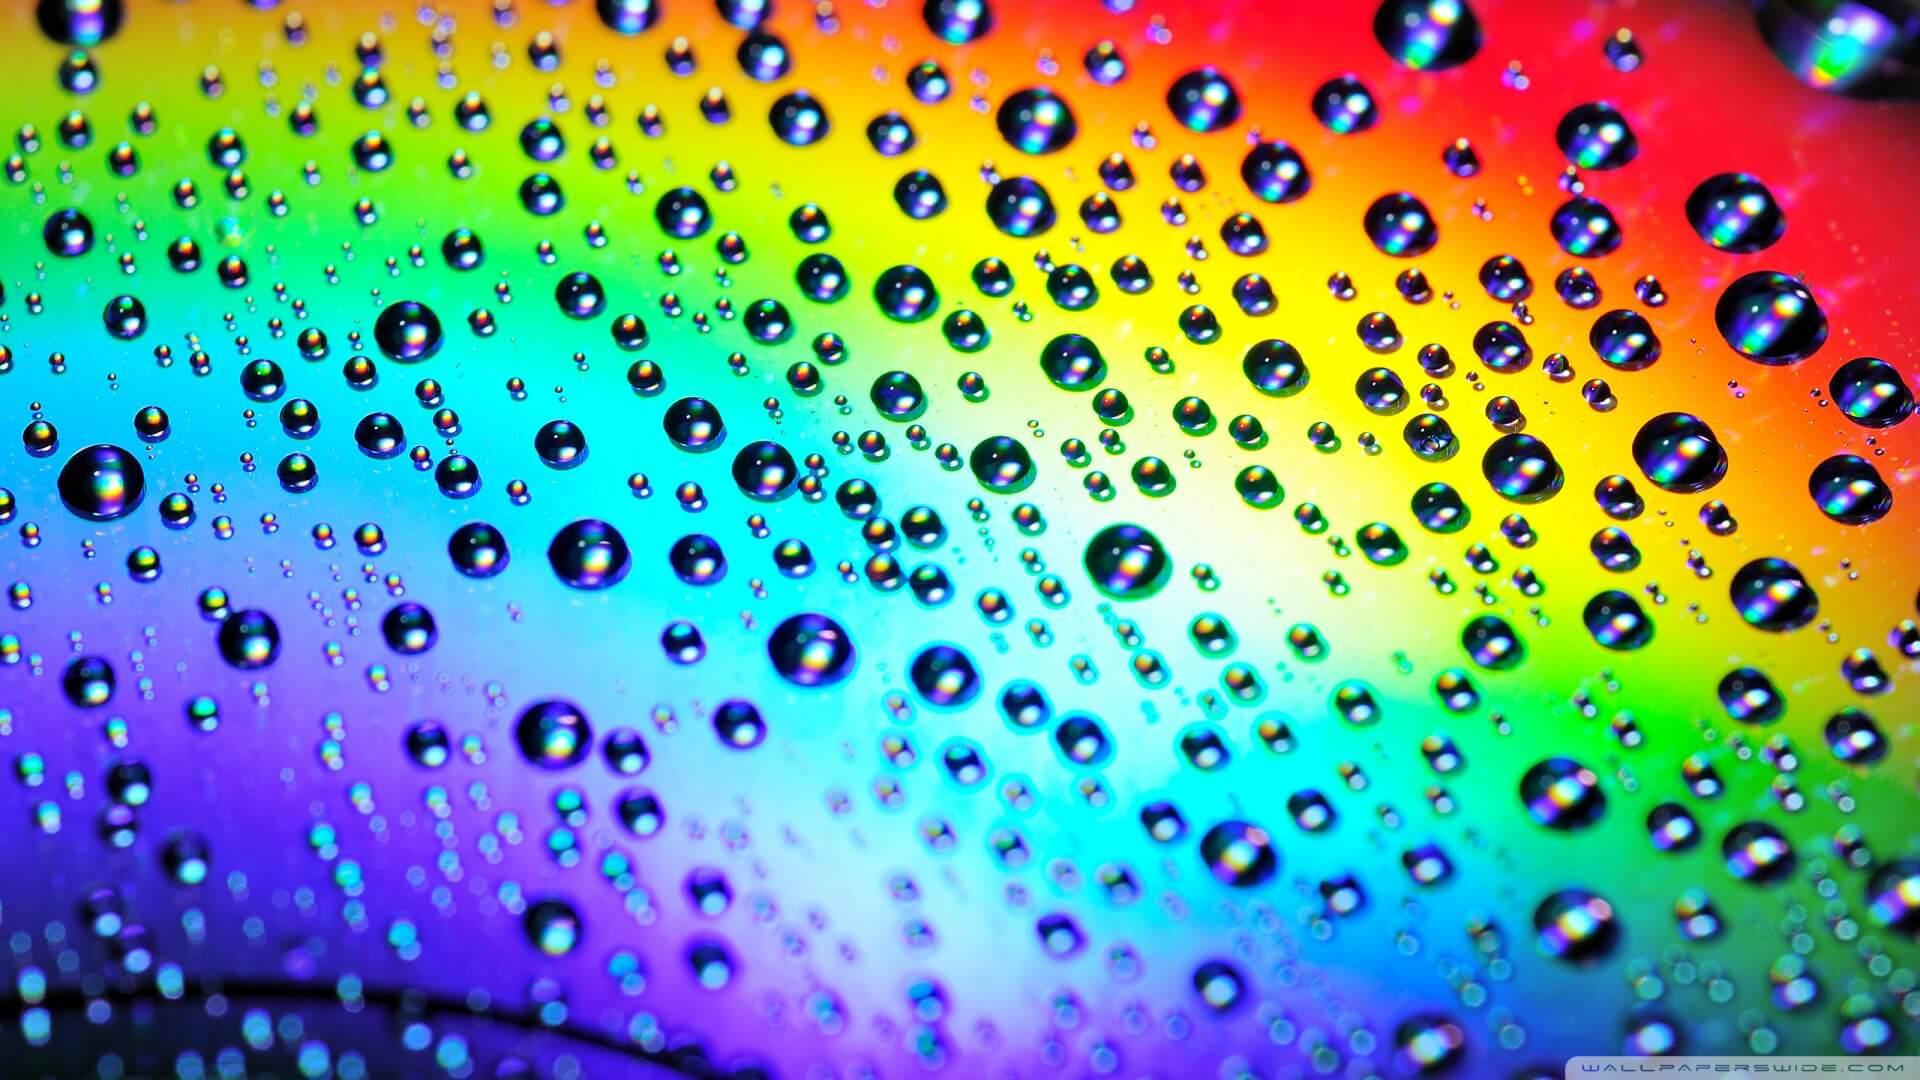 גשם צבעוני